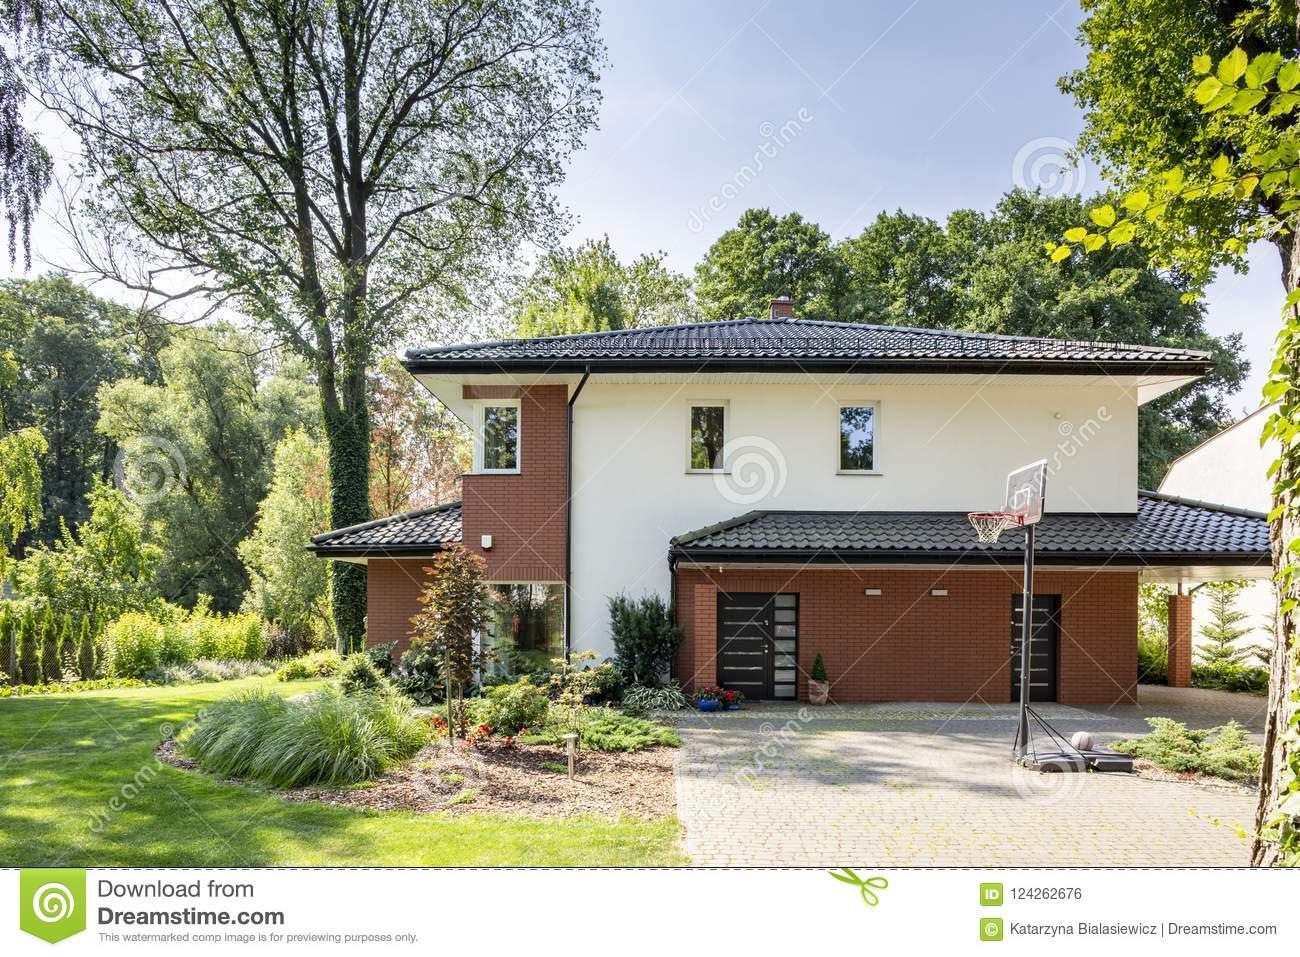 Grande Maison Avec Un Beaux Jardin Et Terrain De Jeu De intérieur Jeux De Grande Maison